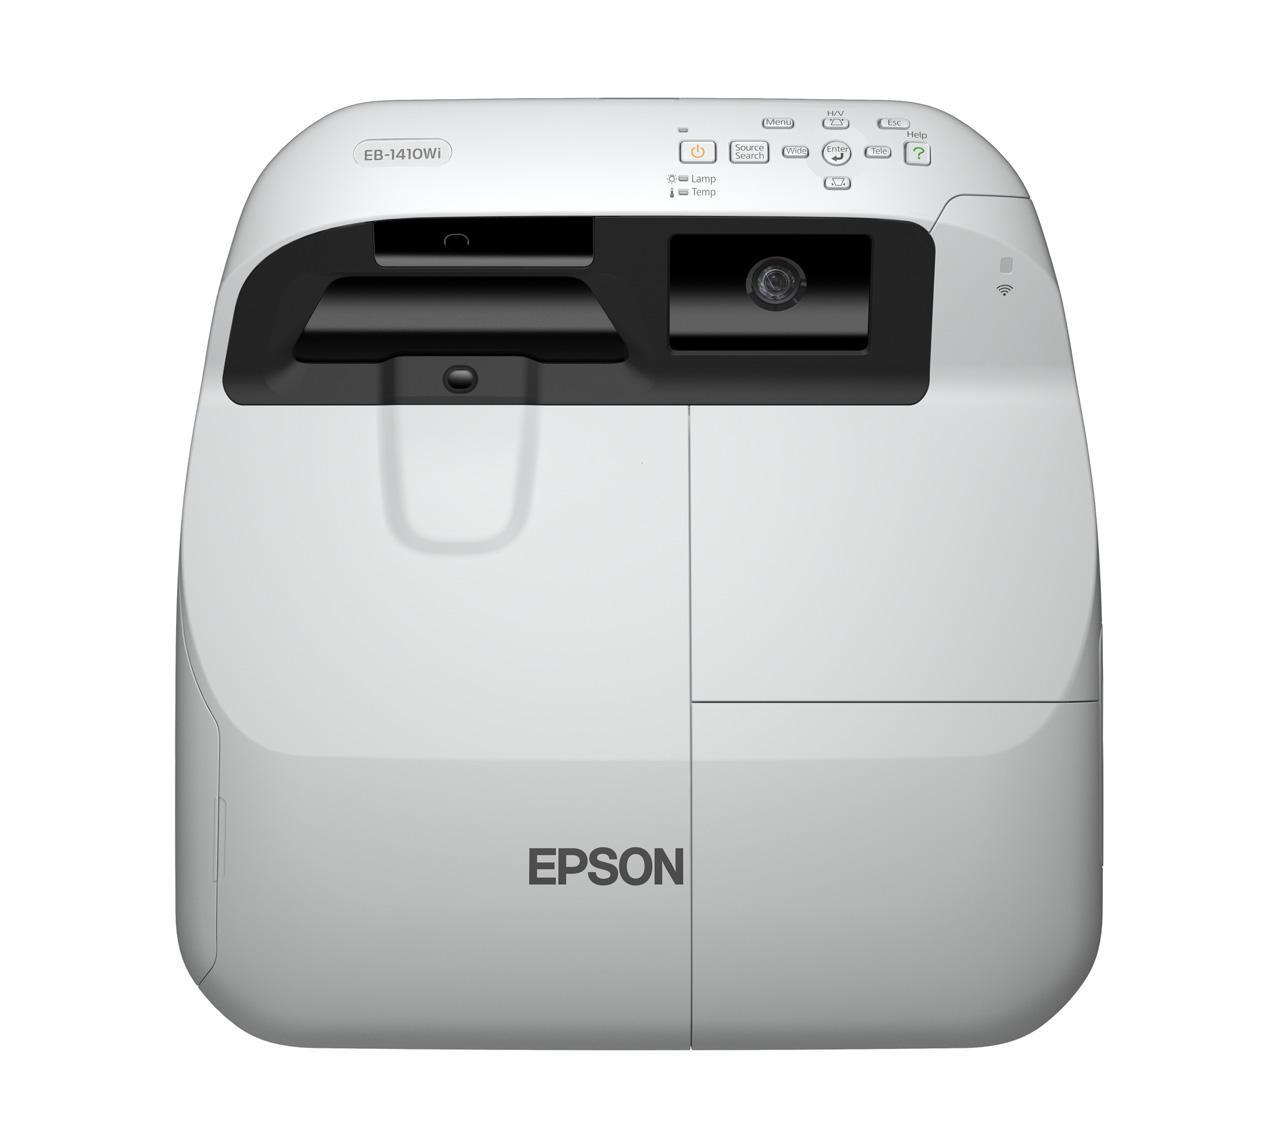 Epson-EB-1400Wi